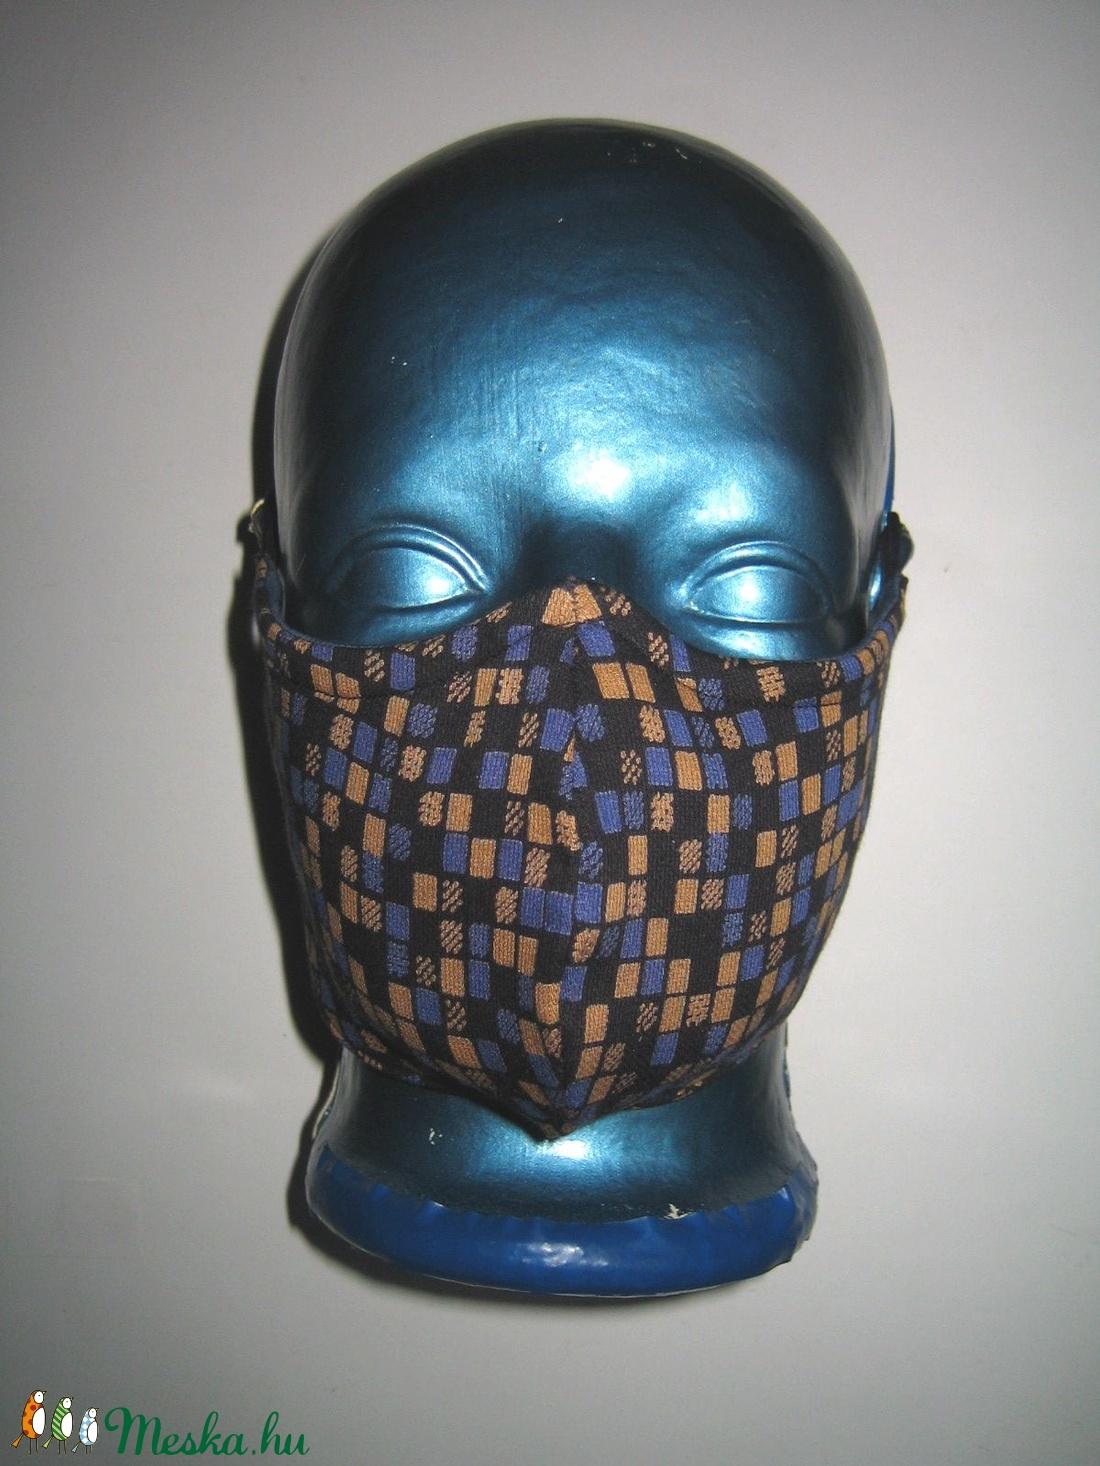 Egyedi szájmaszk orrmerevítős arcmaszk fülre akasztható védő maszk  - maszk, arcmaszk - női - Meska.hu